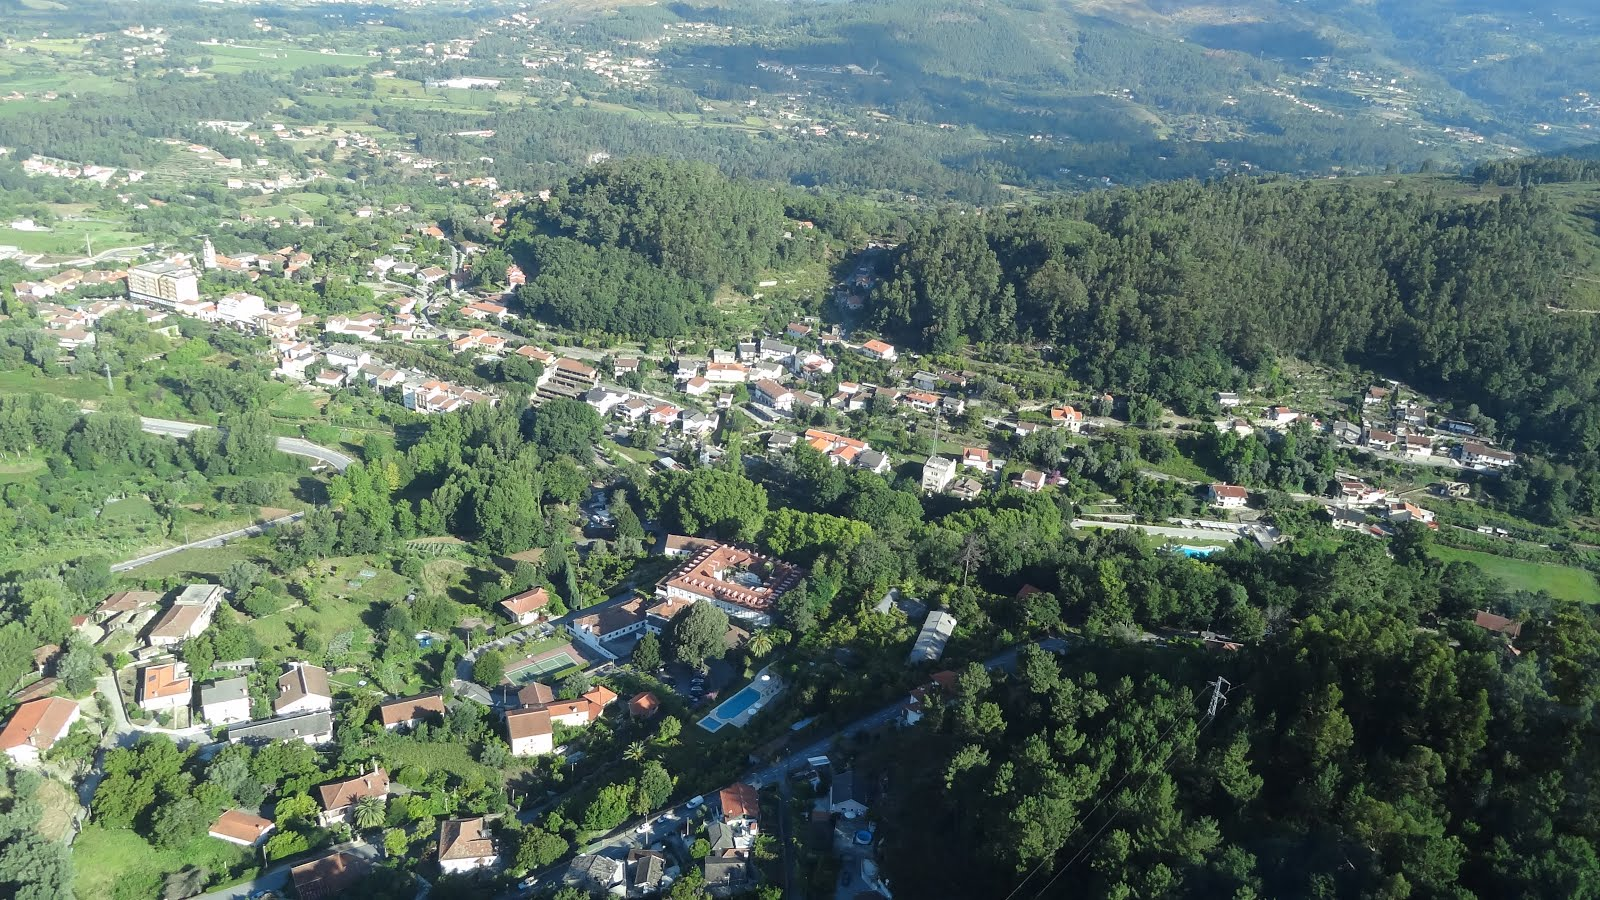 Caldelas Portugal  city images : Terceira Dimensão Fotografia Aérea: Caldelas